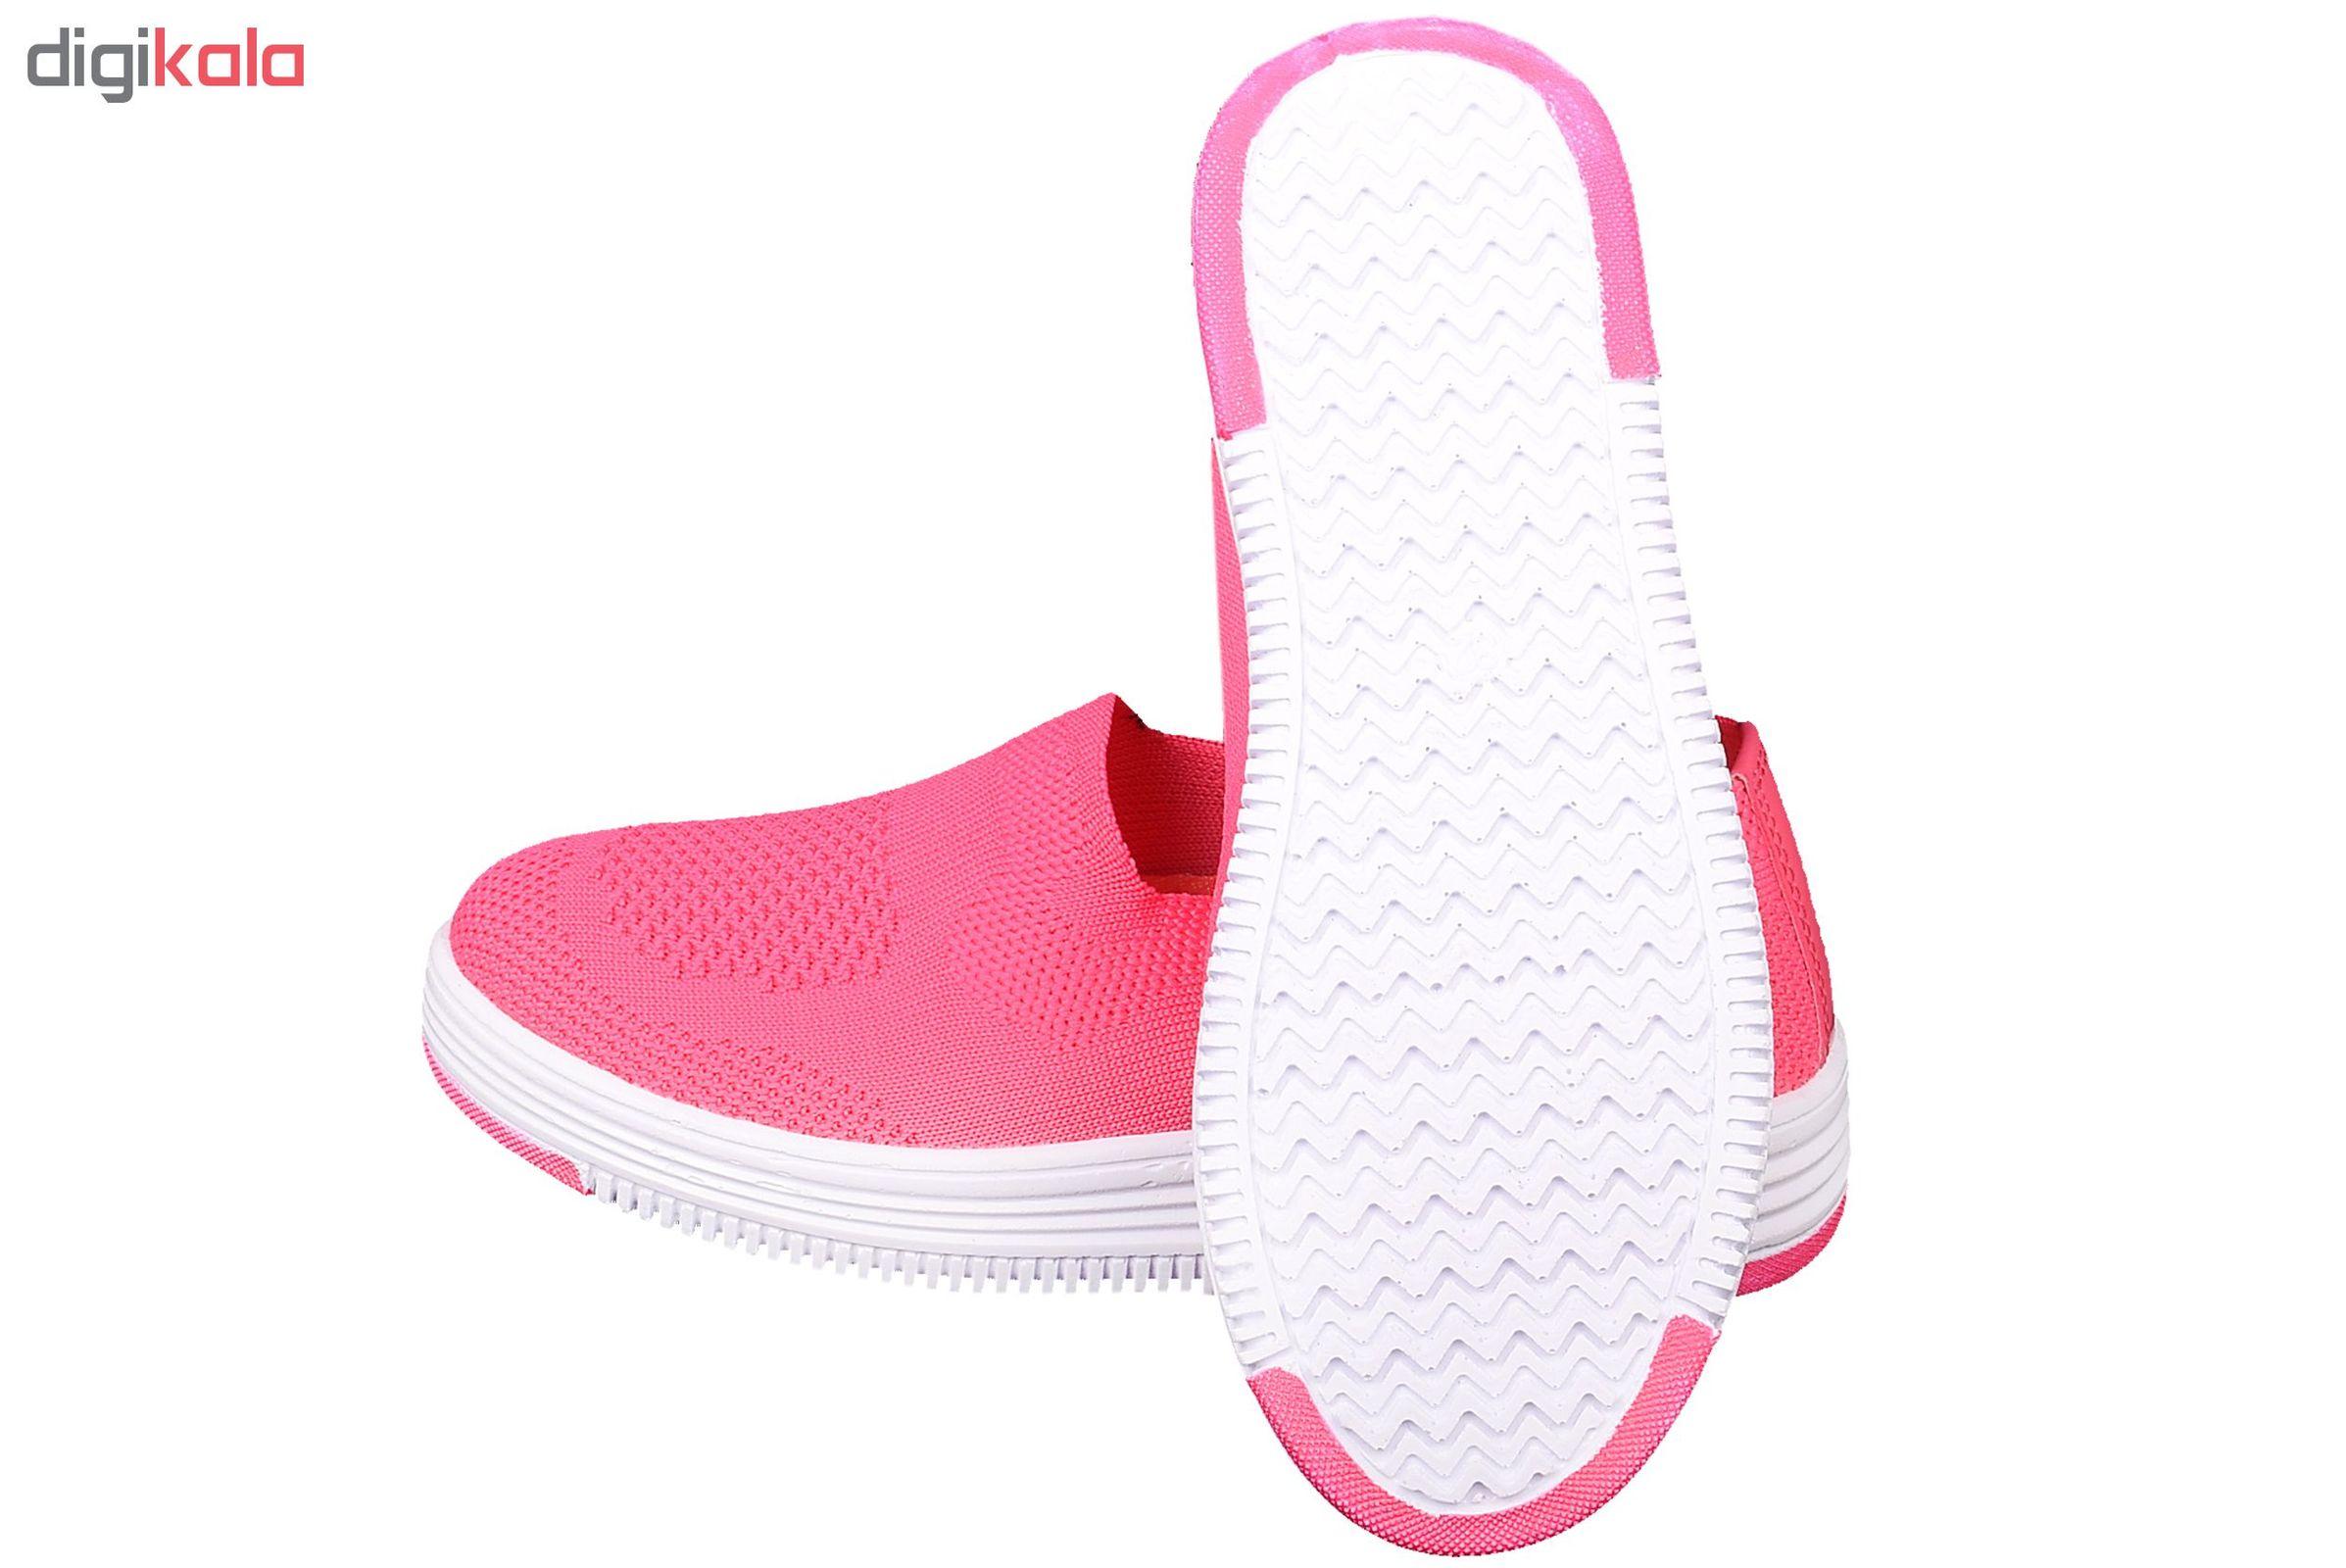 کفش راحتی دخترانه کد 3500-3 main 1 3